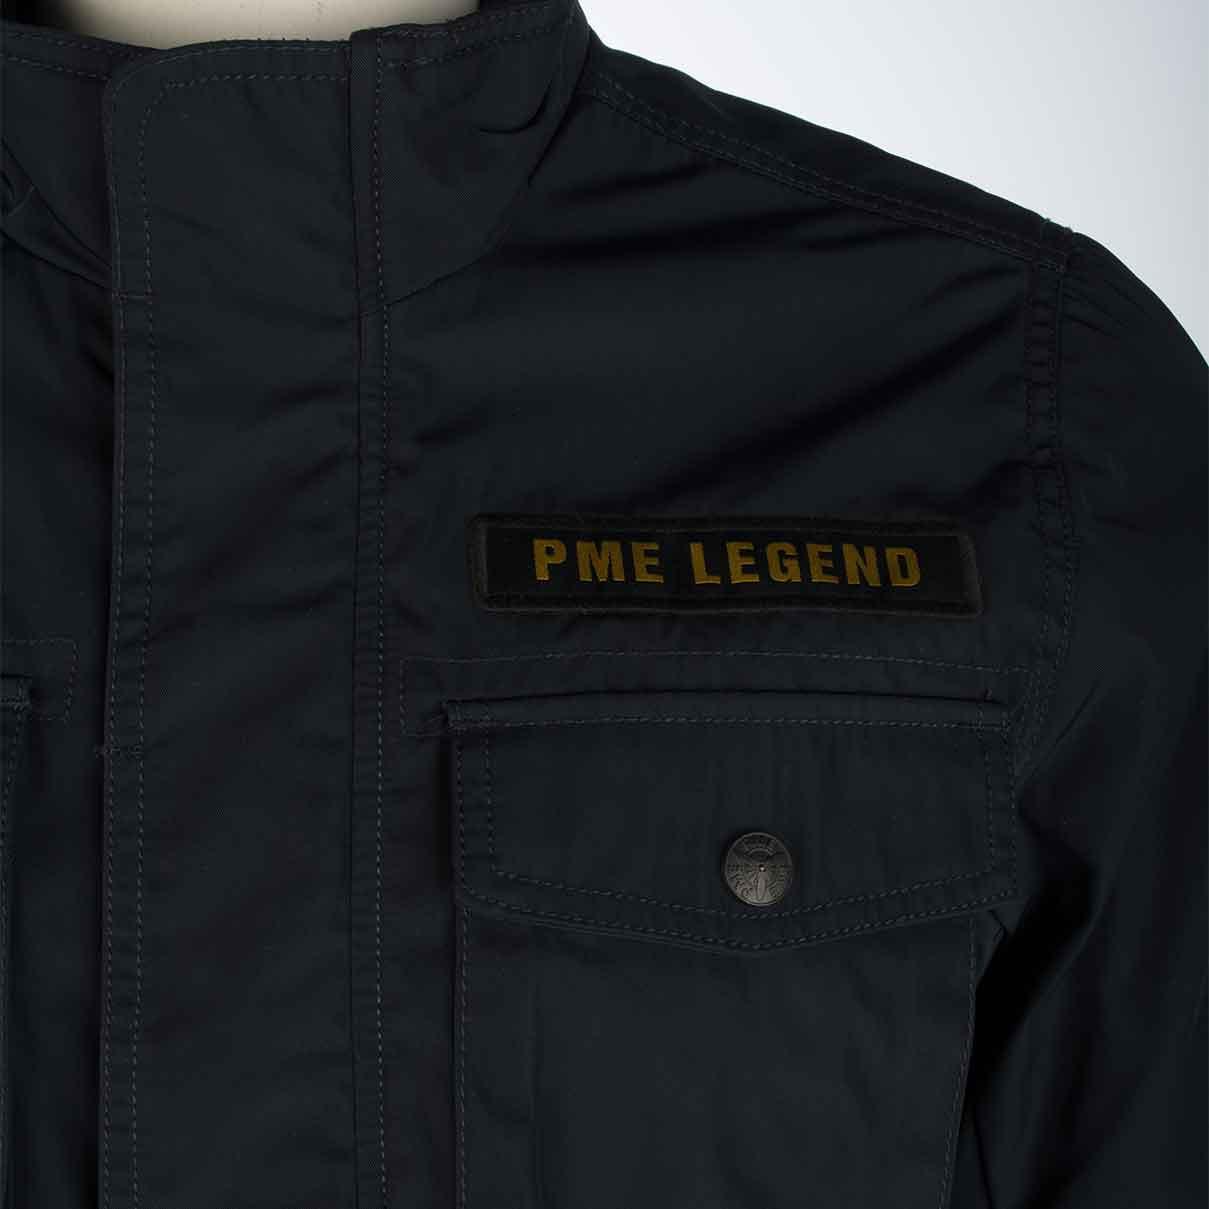 PME Legend PJA191112 CLIPPER Herren Übergangsjacke Jacke Regenjacke